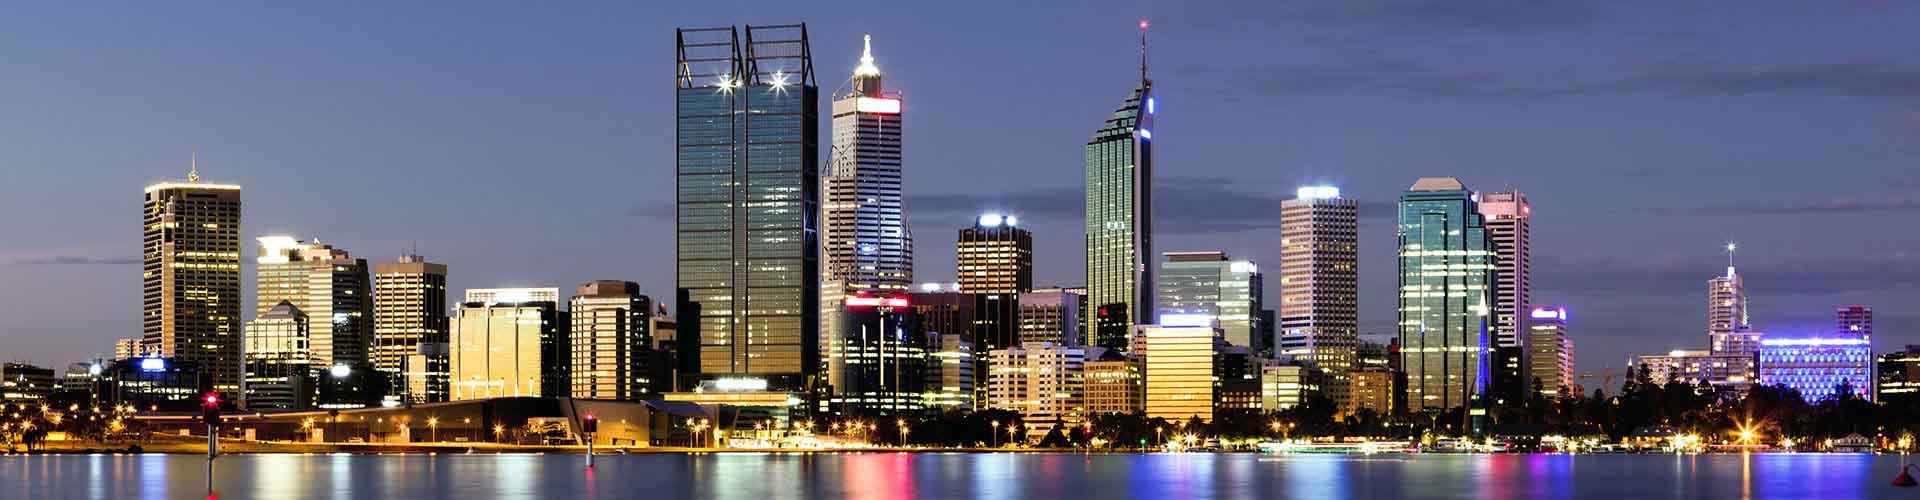 Perth – Retkeily kaupungiosassa Perth keskusliikealue. Perth -karttoja, valokuvia ja arvosteluja kaikista Perth -retkeilyalueista.